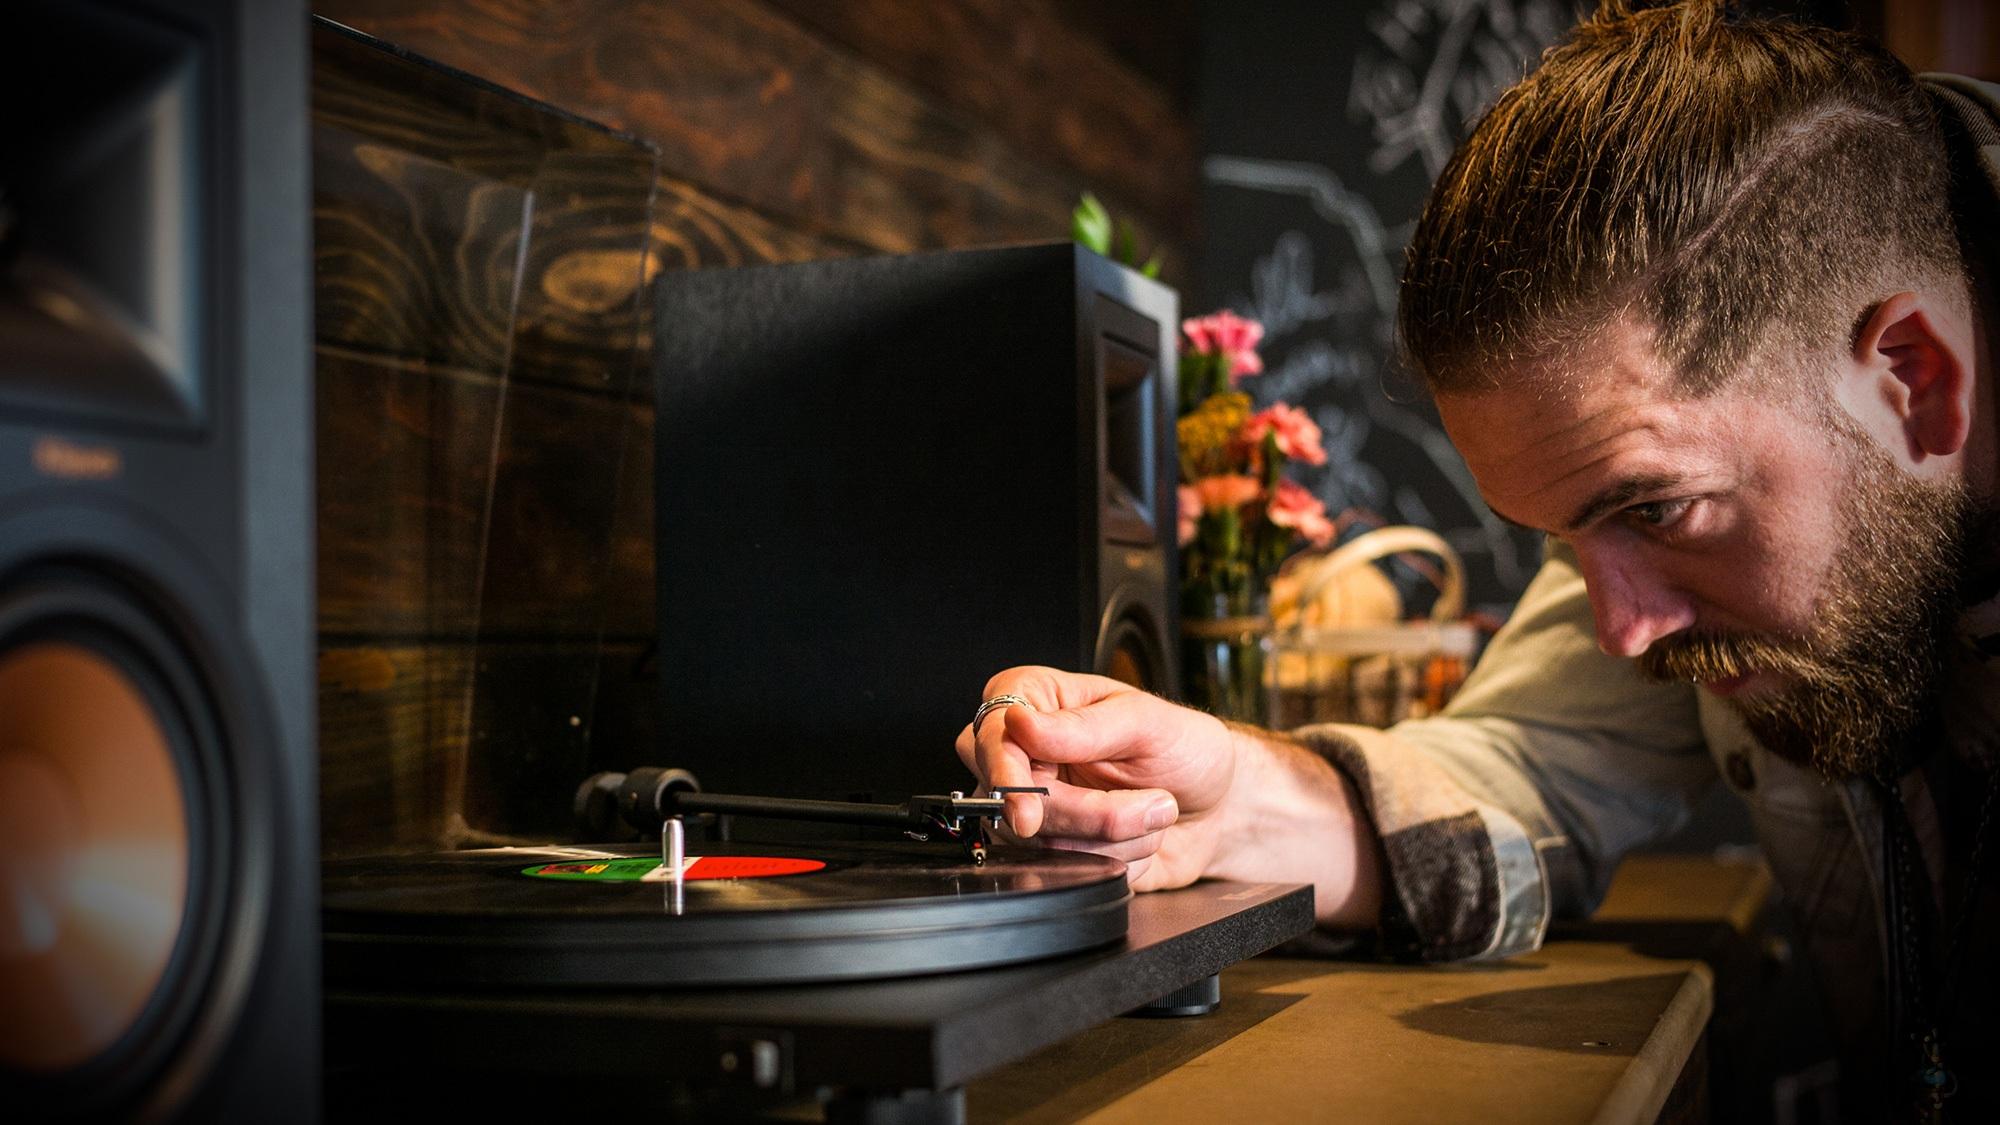 Quelle Marque De Platine Vinyle Choisir ▷ classement & guide d'achat: top platines vinyles en avr. 2020